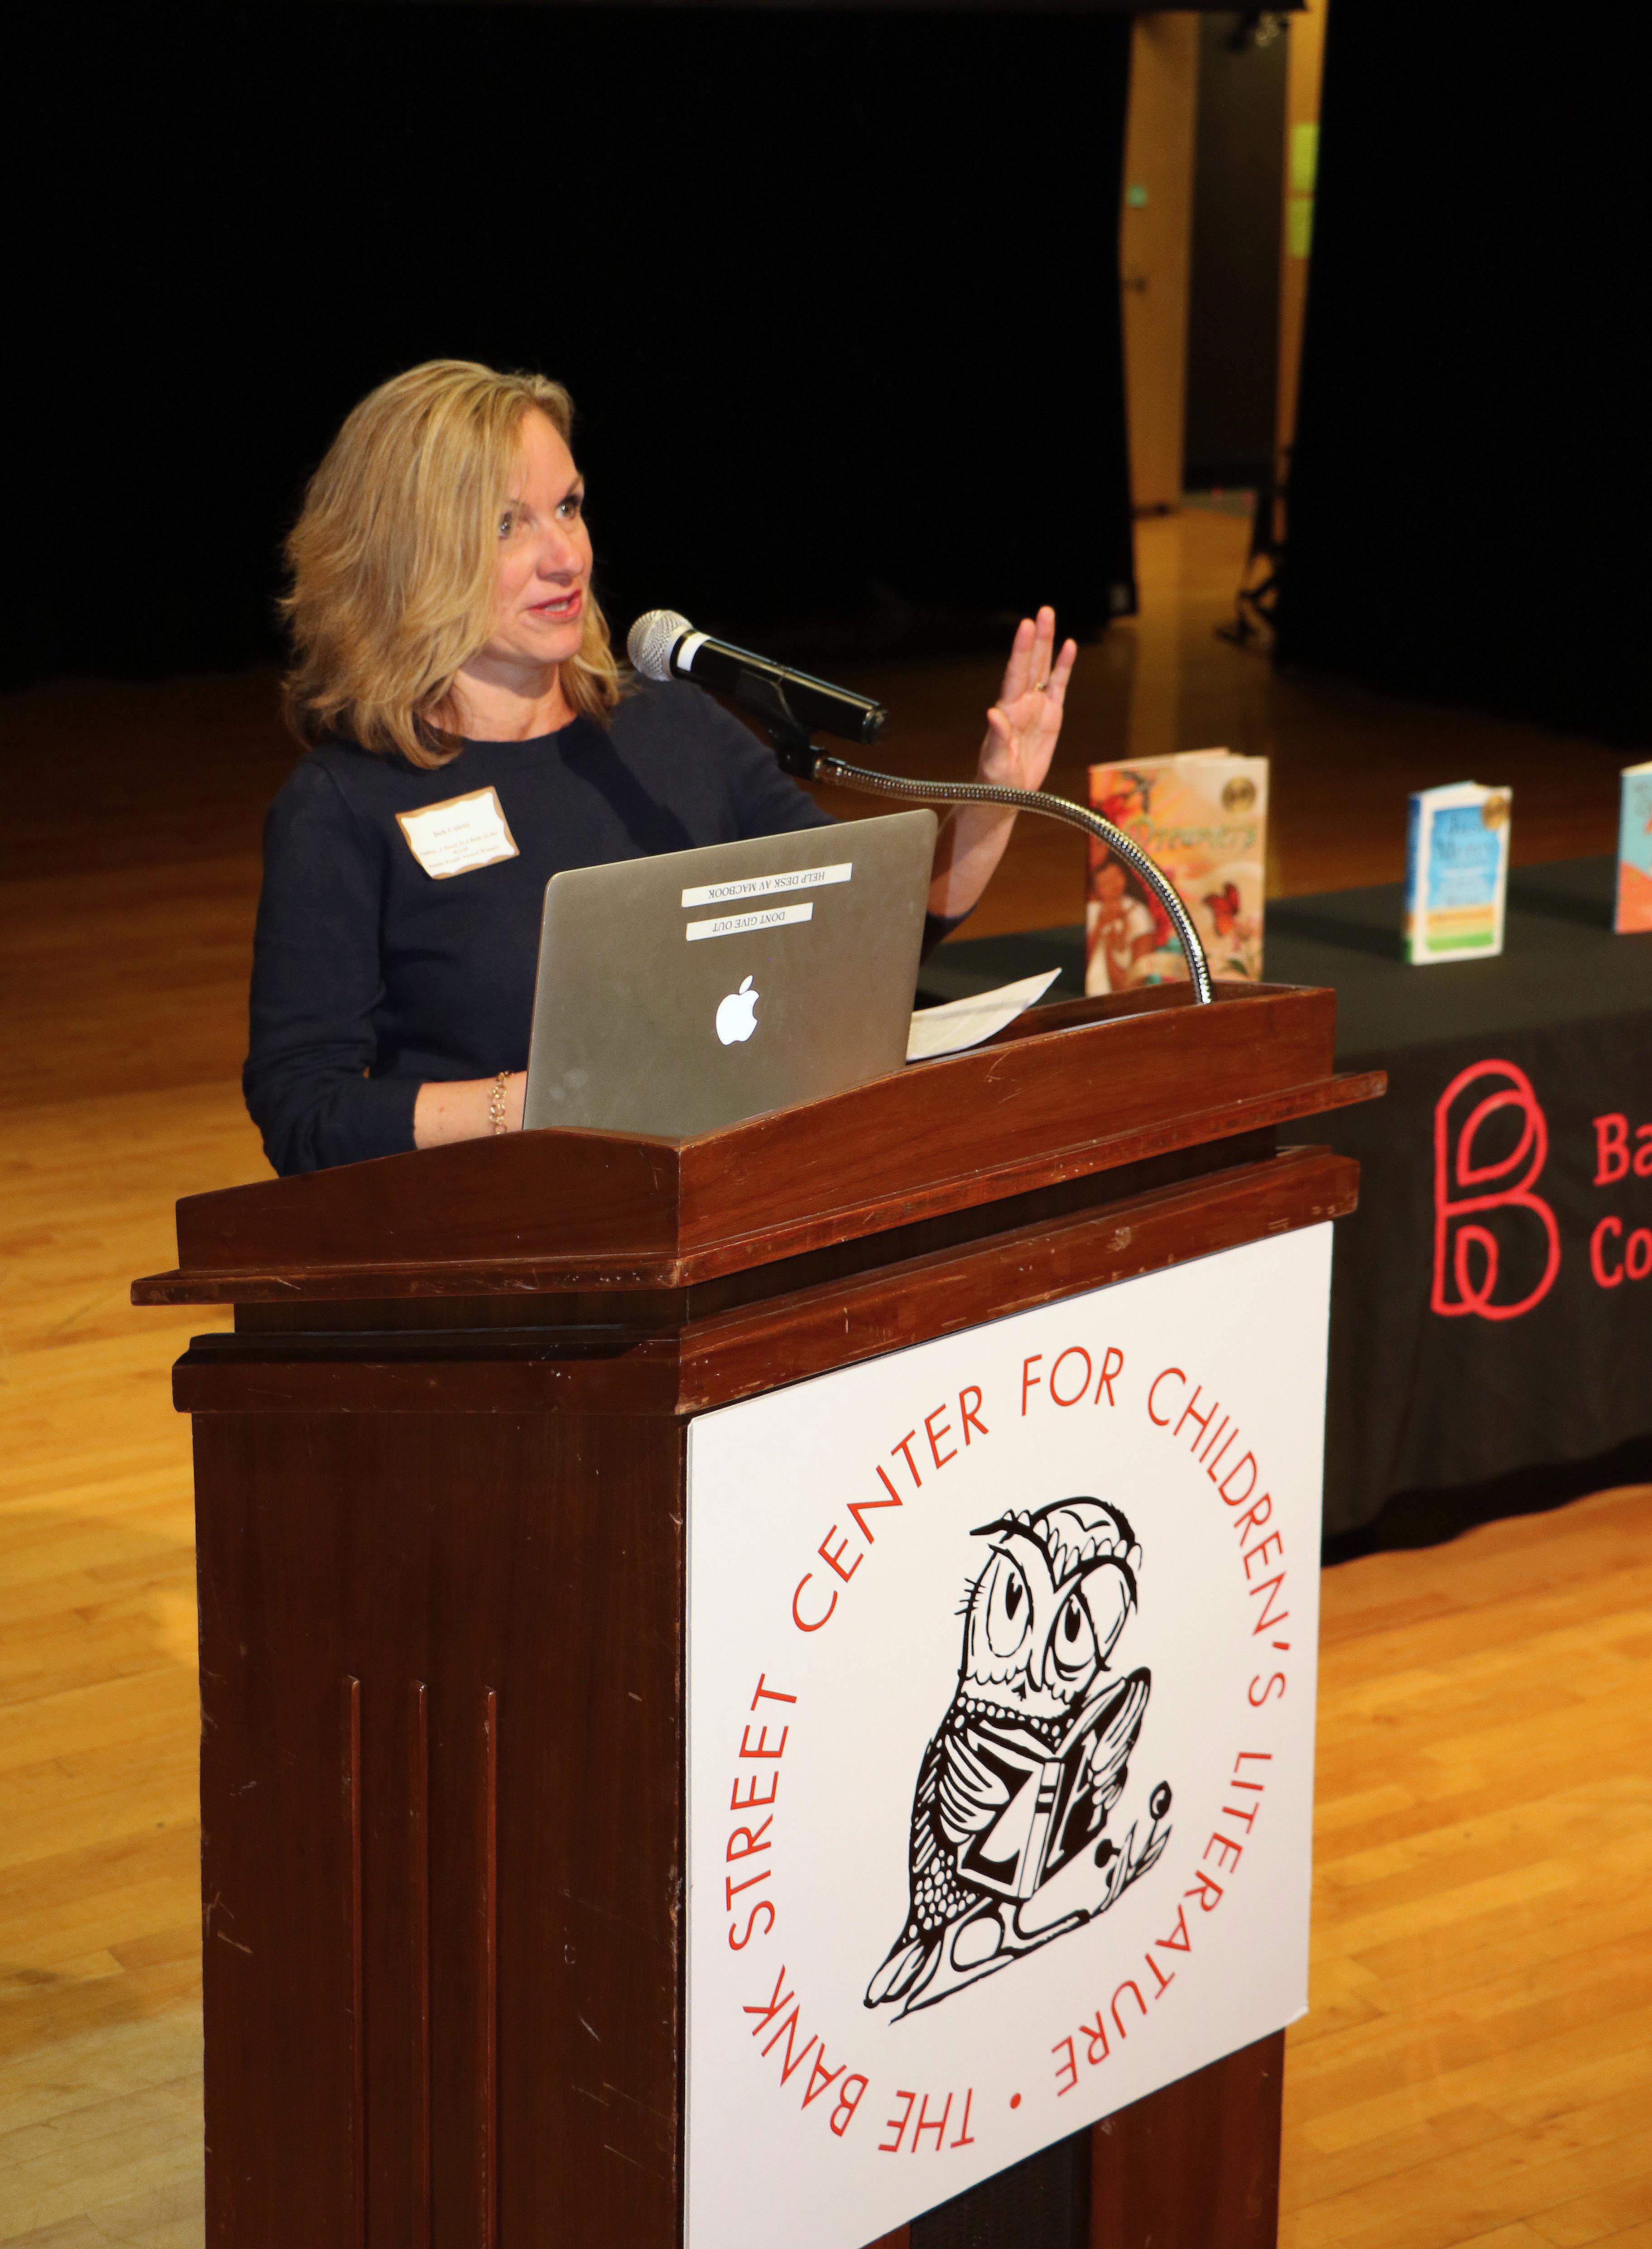 Author Deb Caletti